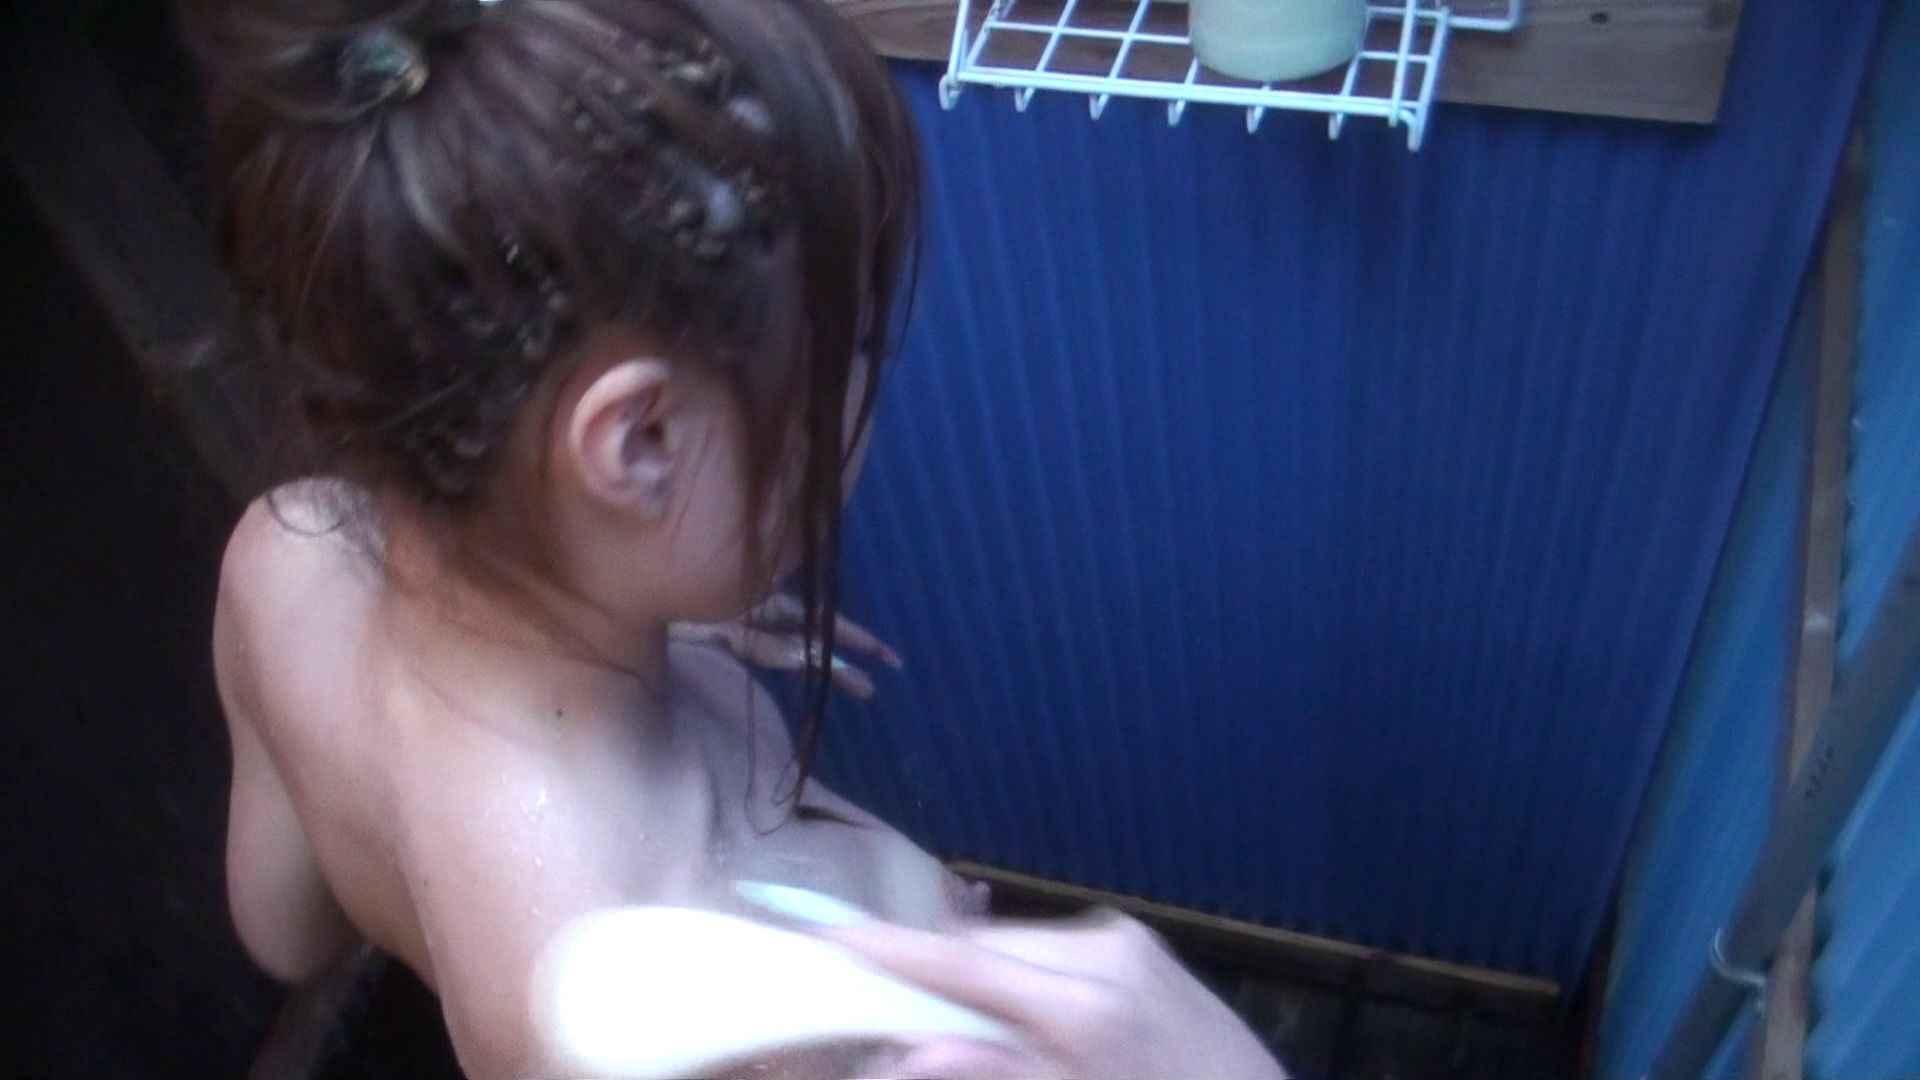 シャワールームは超!!危険な香りVol.9 可愛い顔してやることは大胆です シャワー   OLセックス  79画像 25